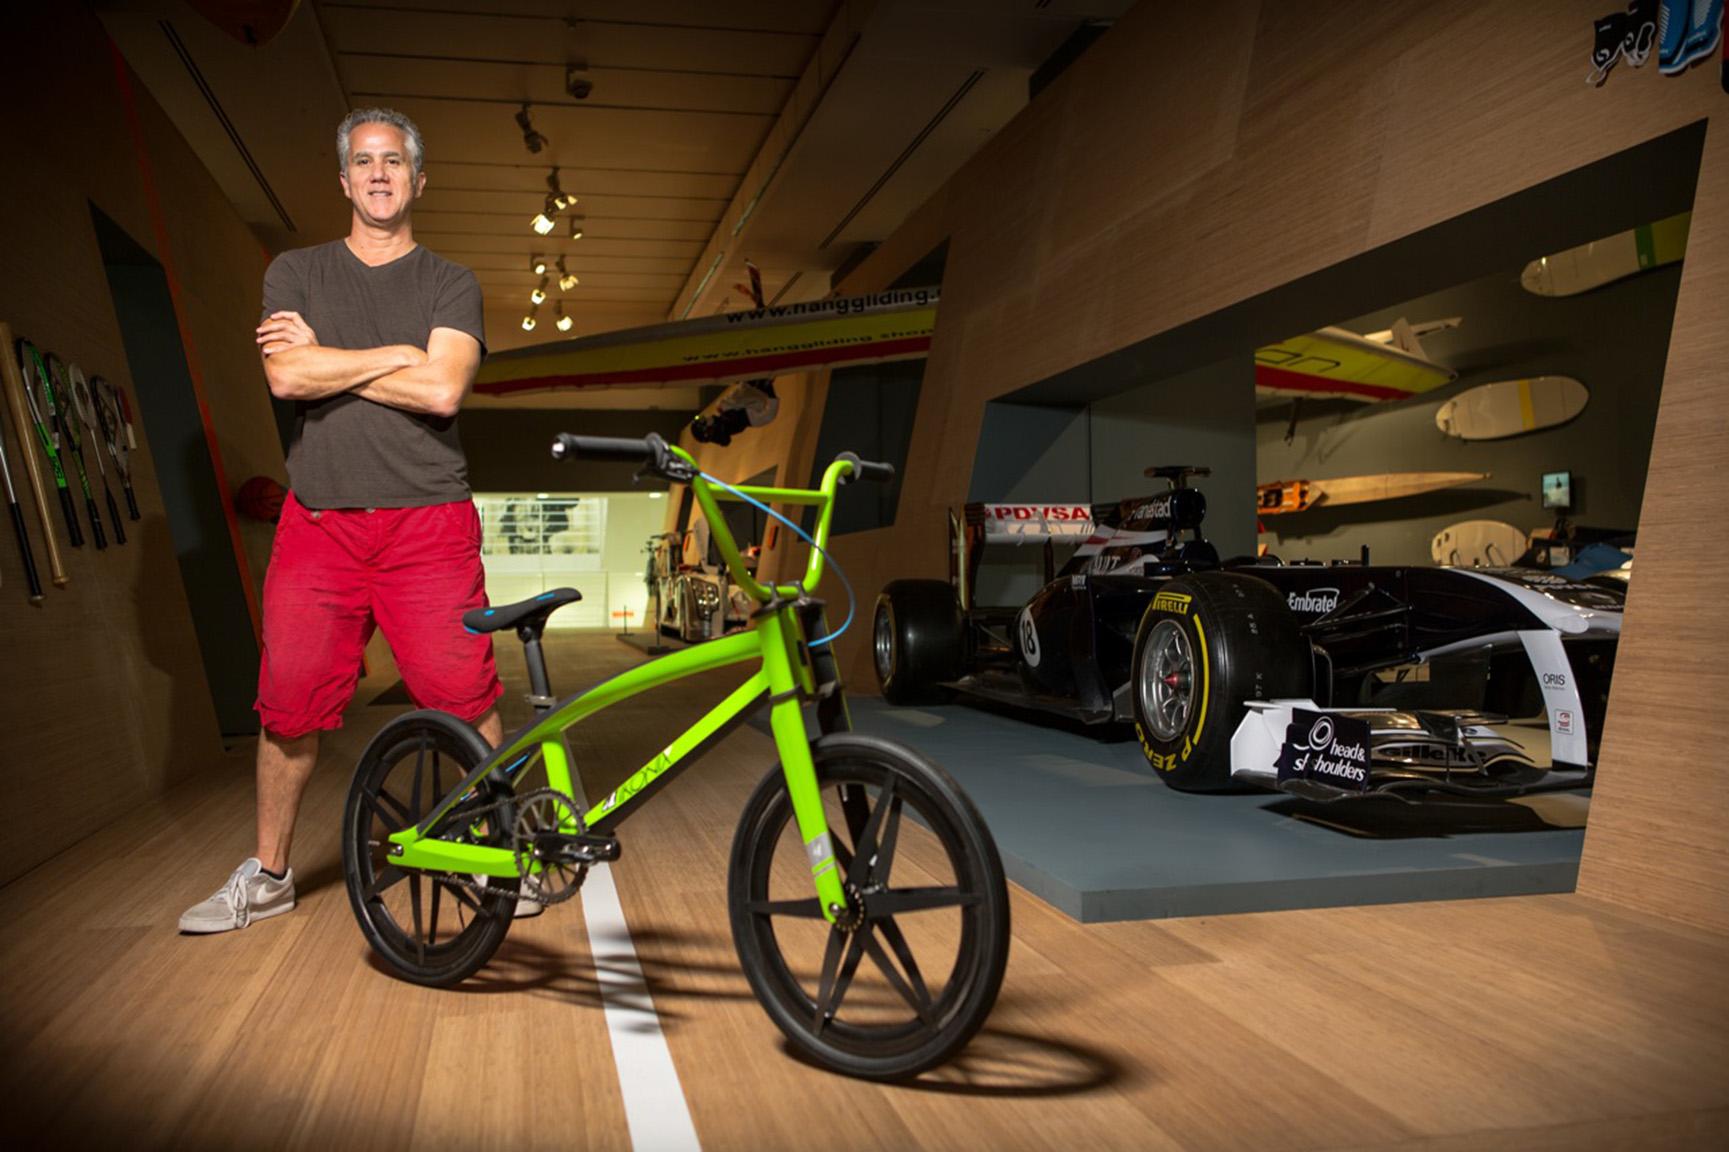 Ikonix Bikes